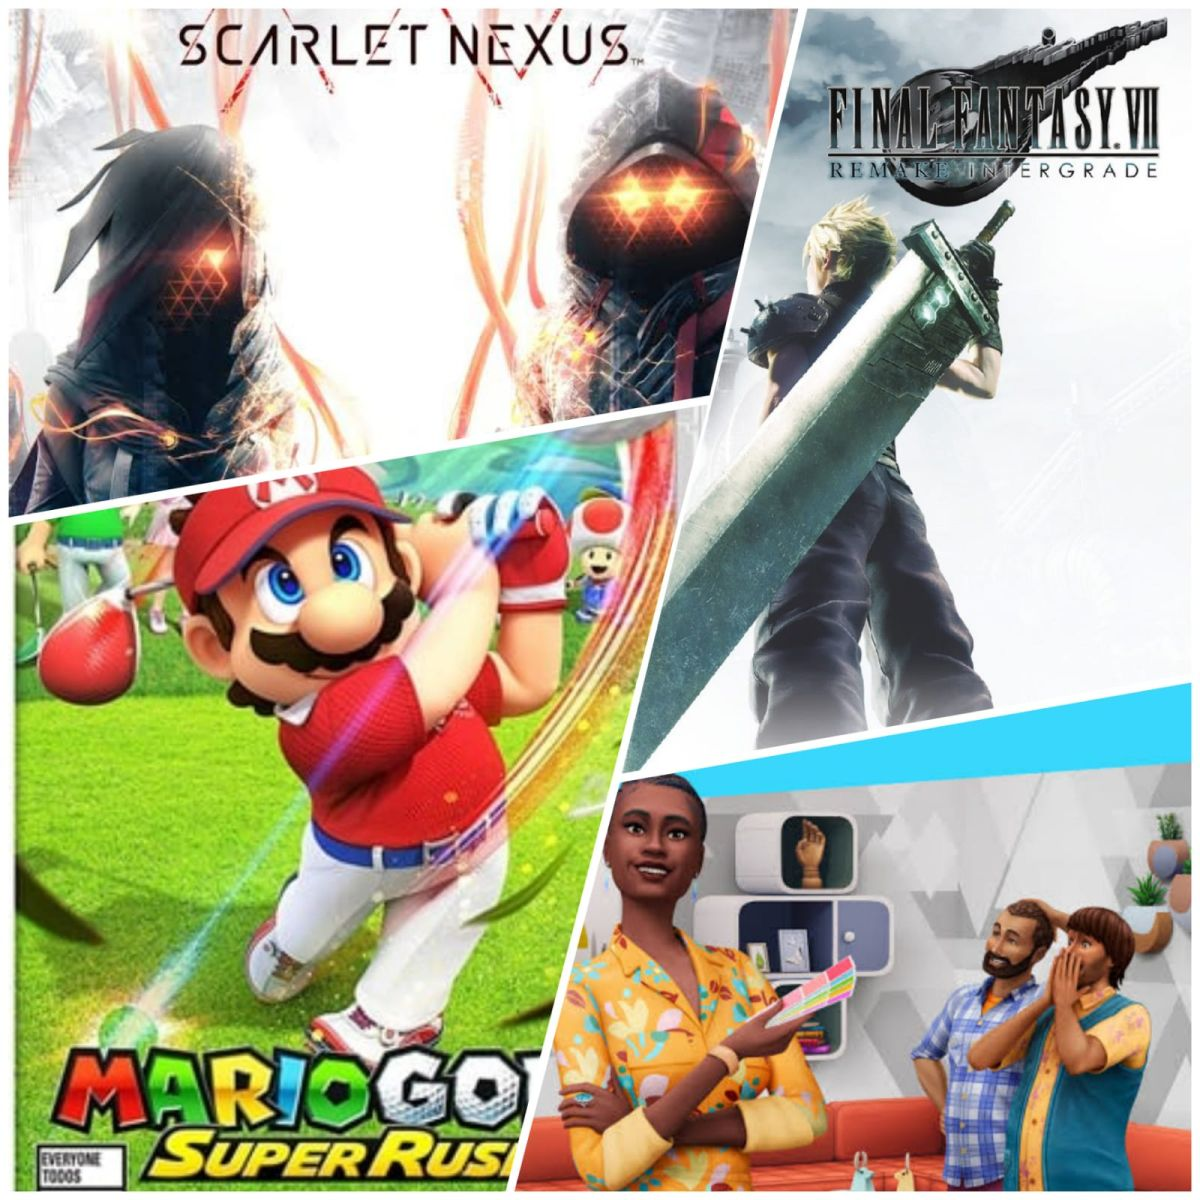 Mario Golf Super Rush Final Fantasy VII Remake Intergrade Scarlet Nexus Los Sims 4 Interiorismo